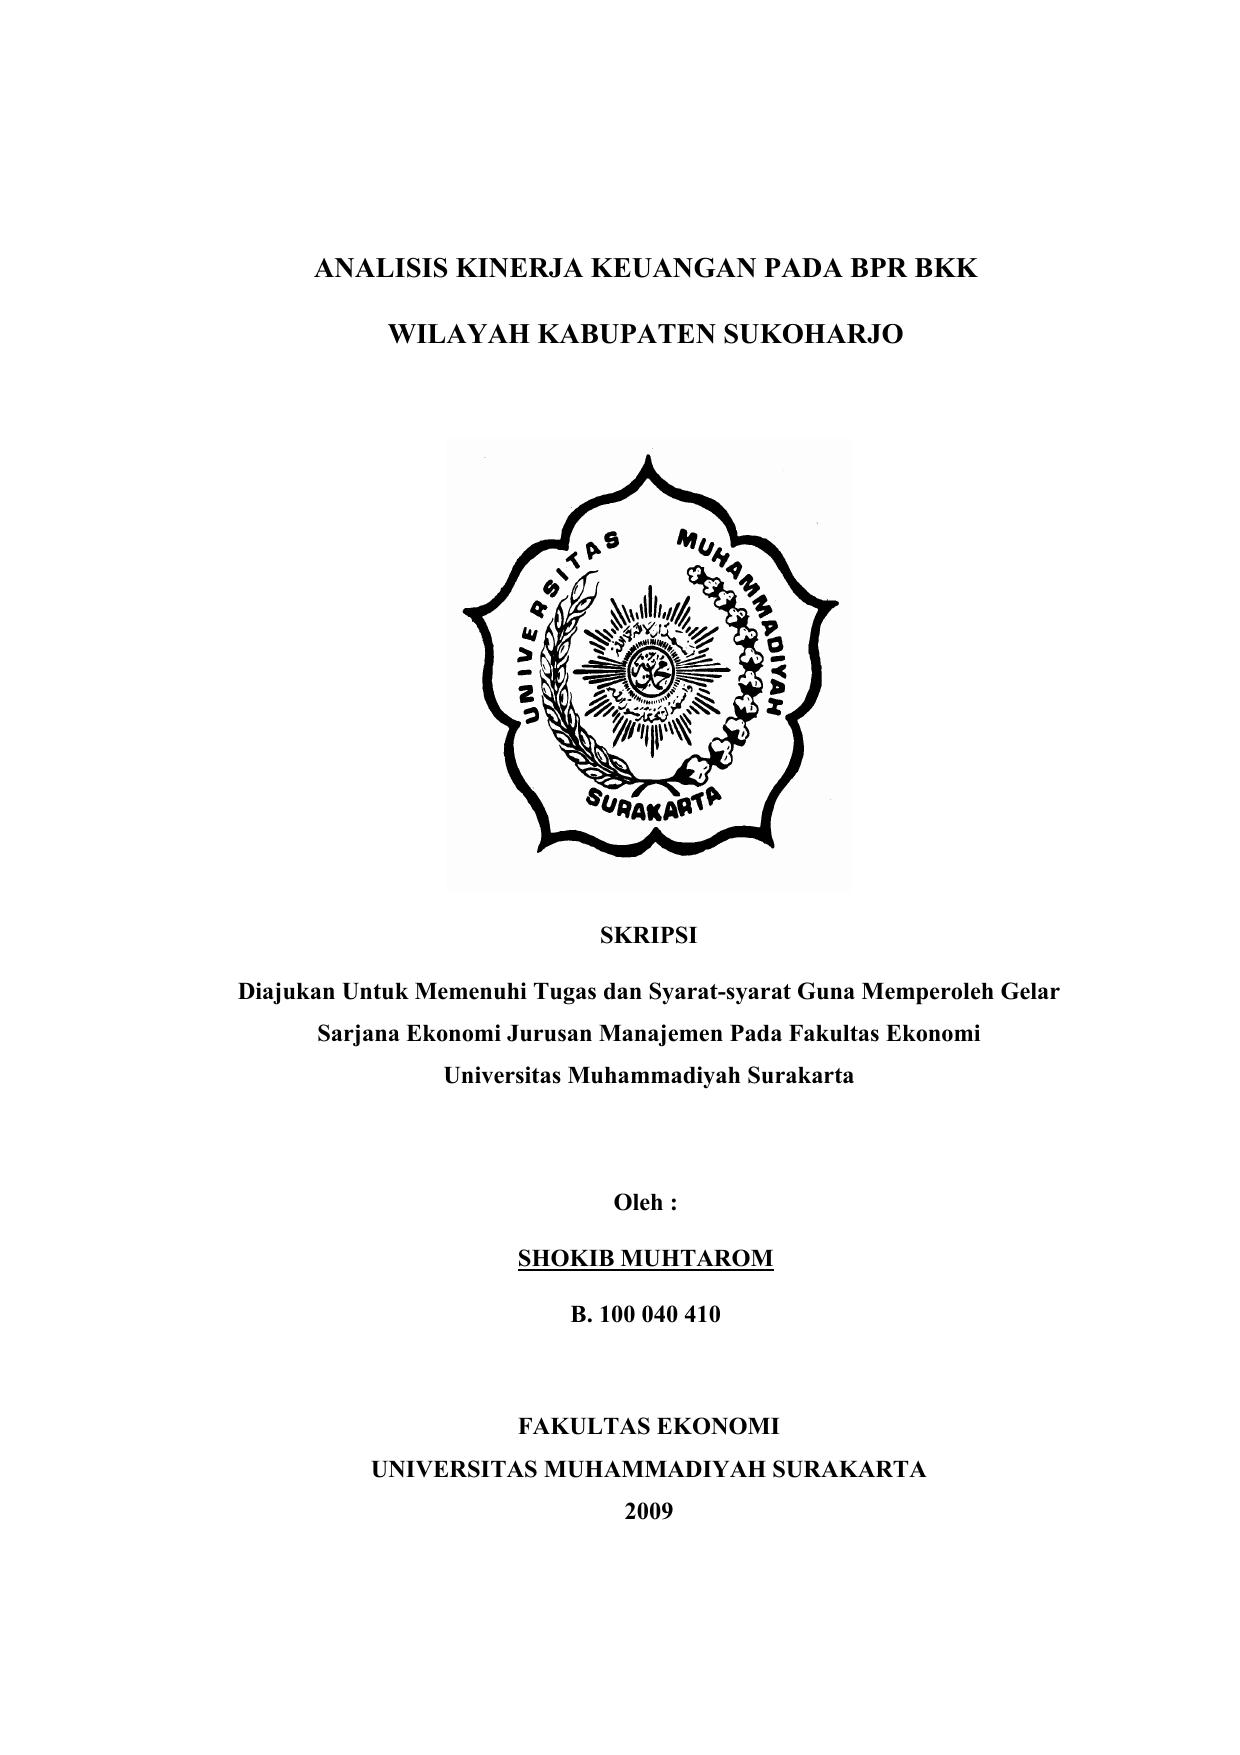 Analisis Kinerja Keuangan Pada Bpr Bkk Wilayah Kabupaten Sukoharjo